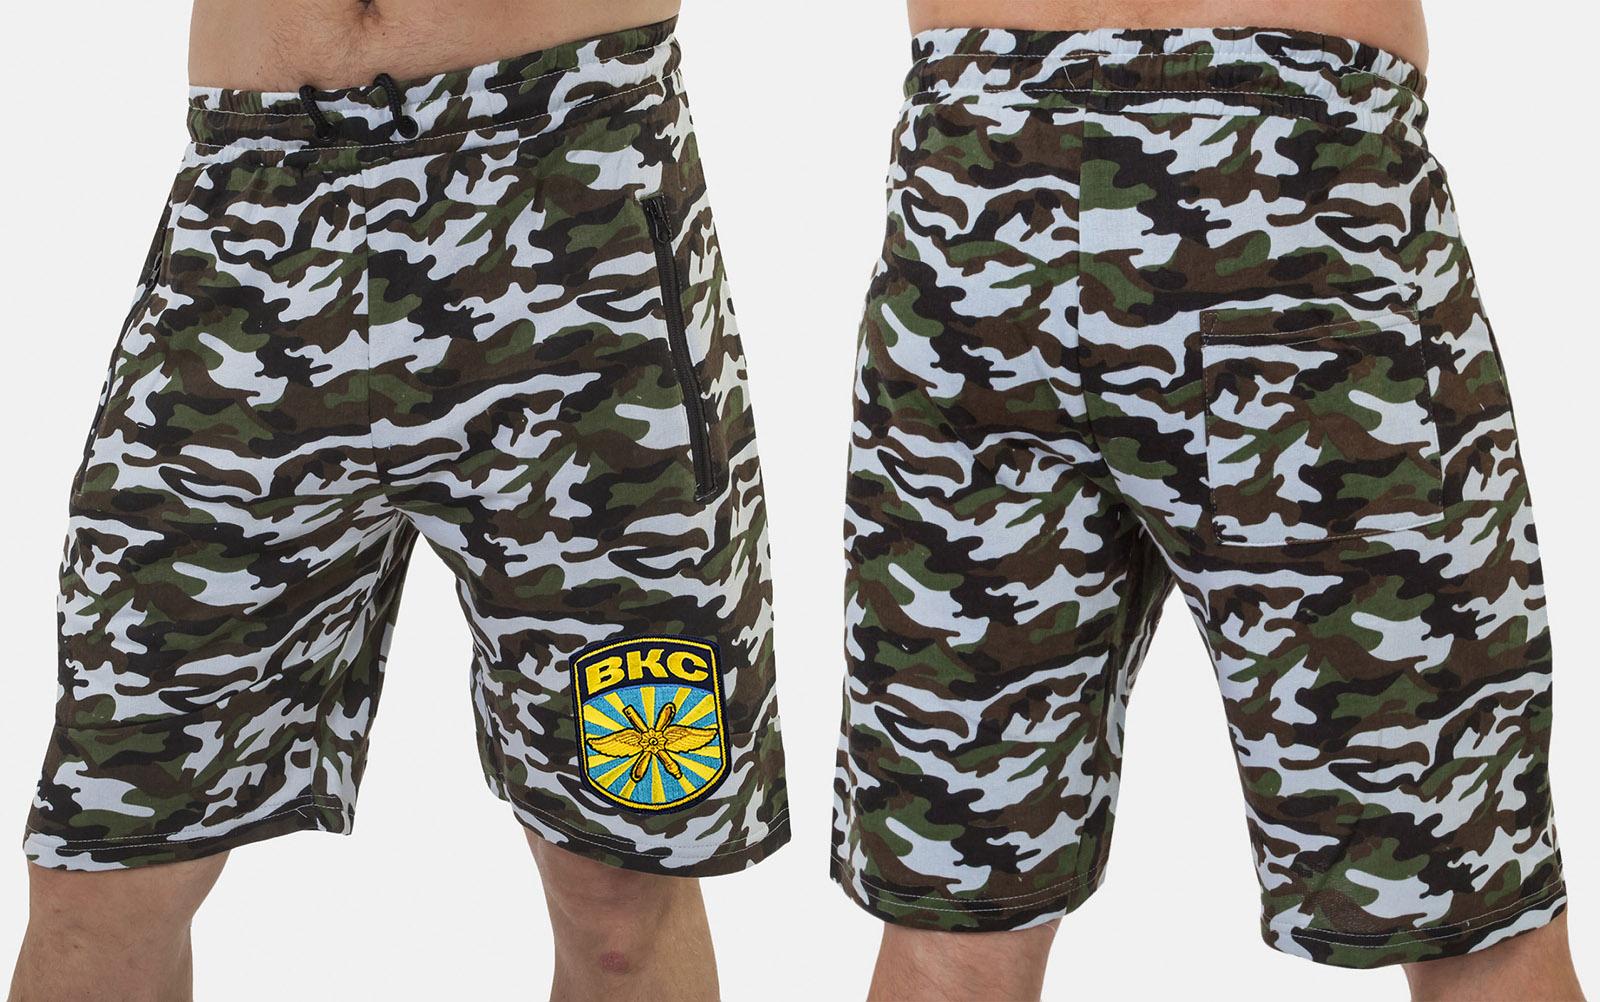 Мужские милитари шорты с нашивкой ВКС - купить в розницу